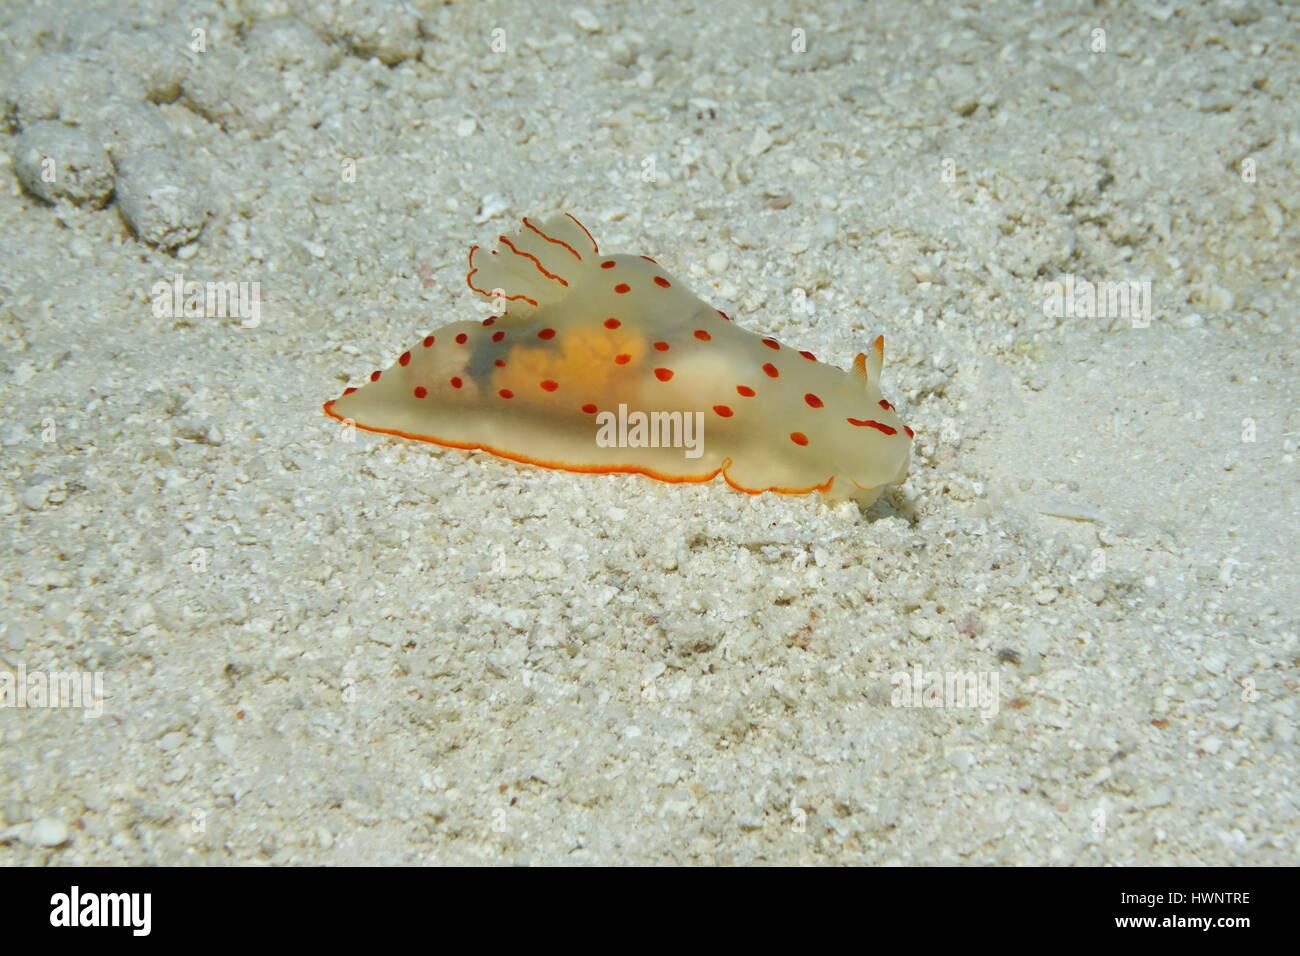 Limace de mer avec corps translucide, Gymnodoris ceylonica, sous l'eau sur une plage de fonds marins dans le Photo Stock